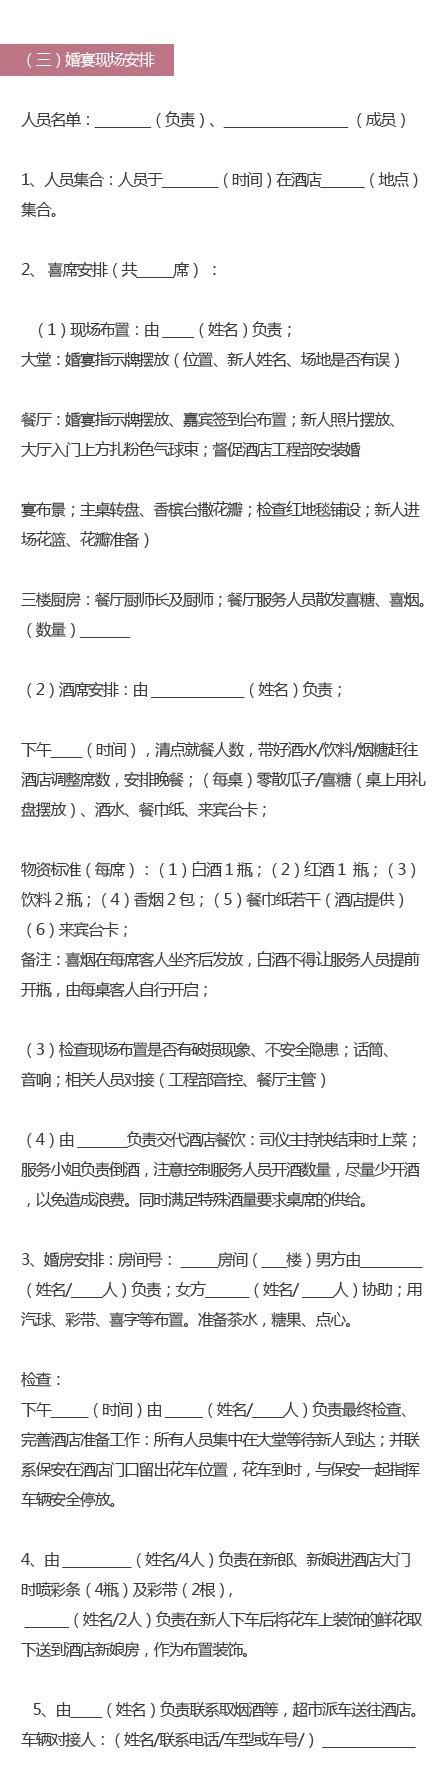 会议筹备流程_【爱生活】超实用婚礼详细流程(附婚礼筹备计划表)